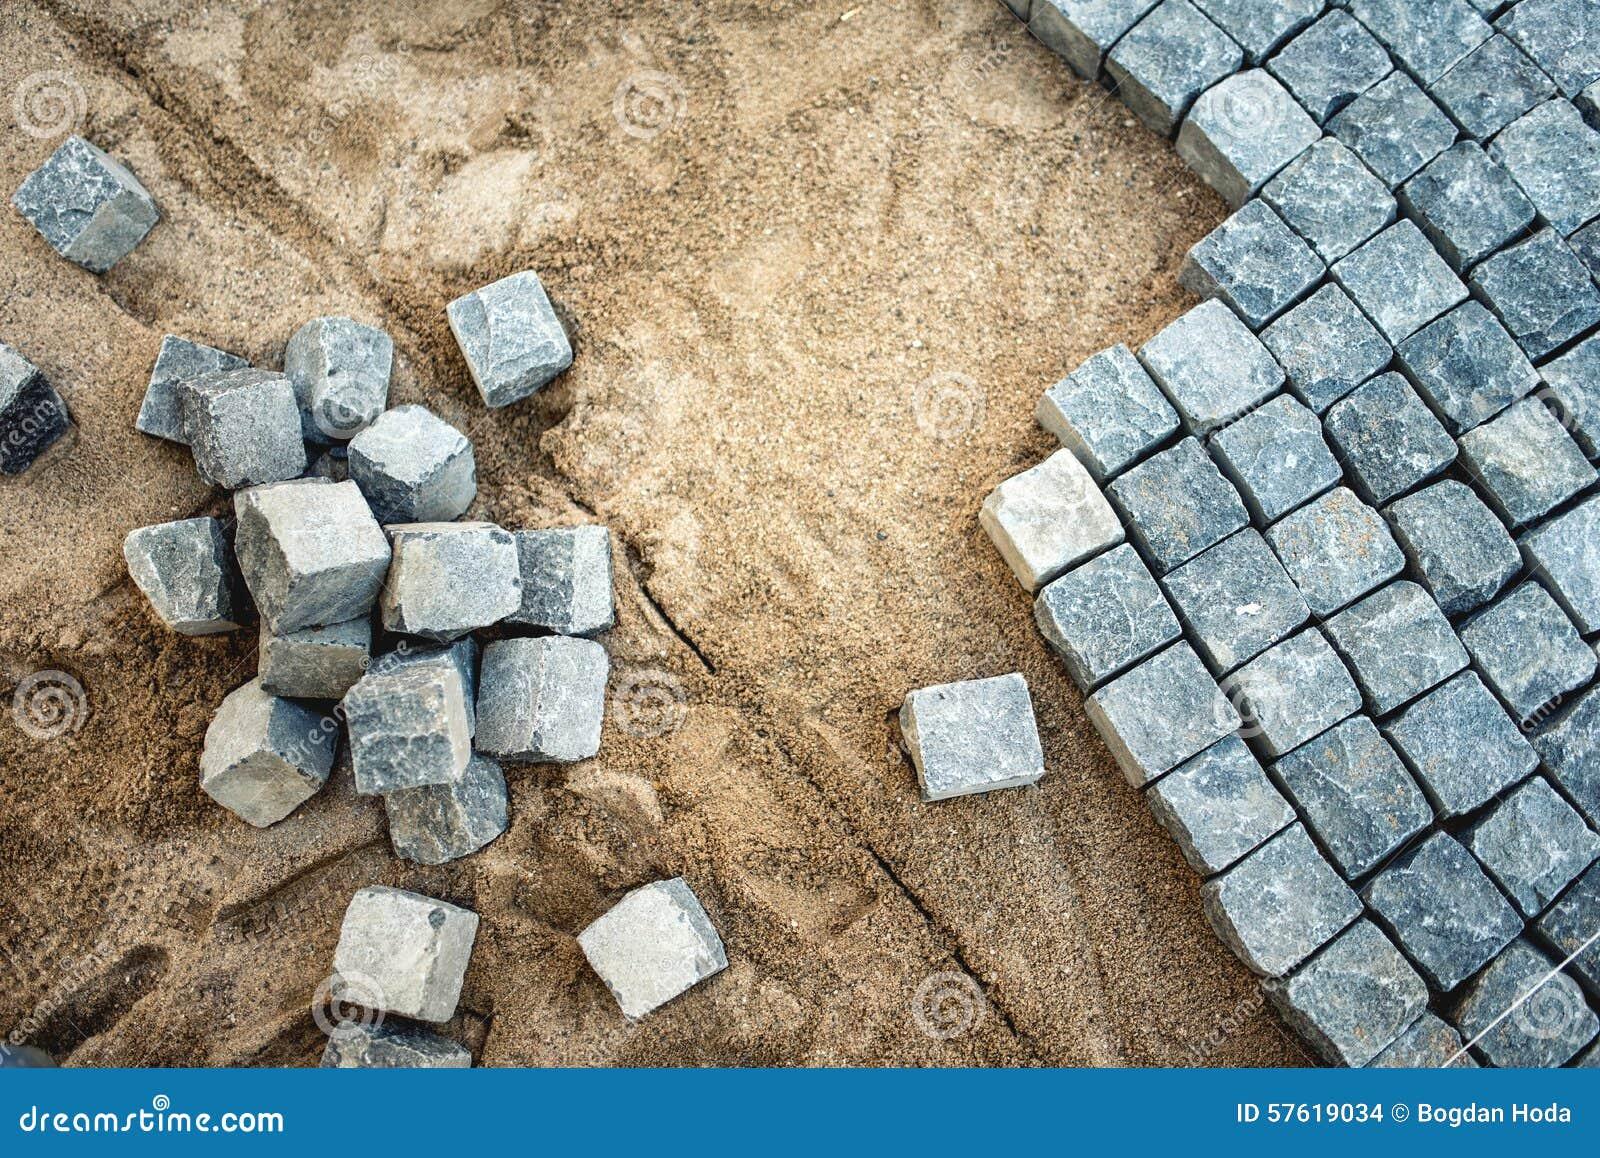 Road construction with cobblestone stock image - Piedras para construccion ...